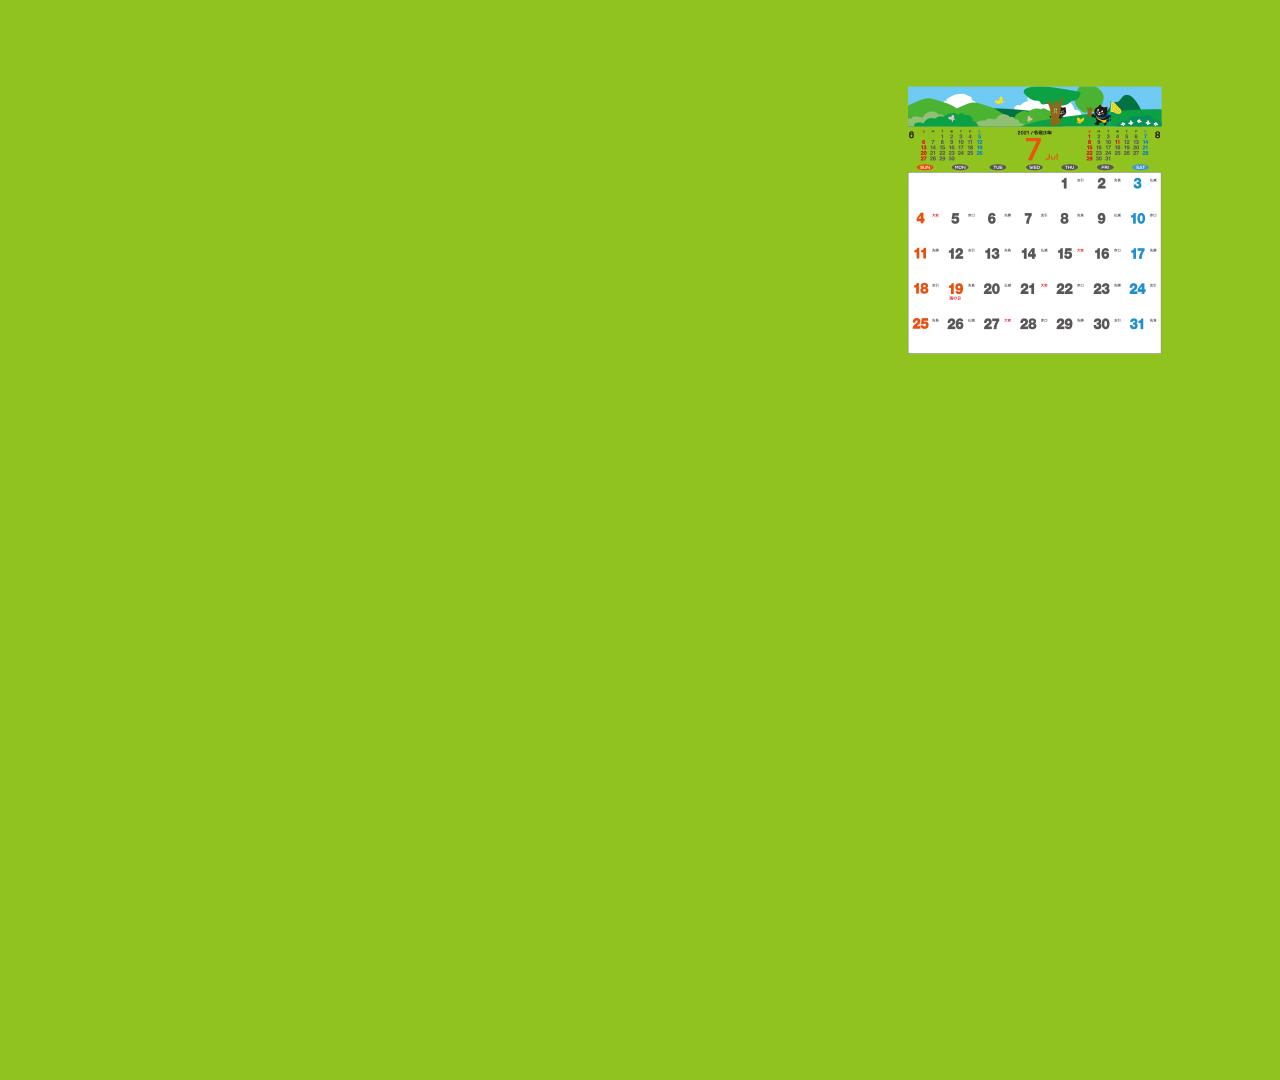 アスパルオリジナル壁紙カレンダー(7月)